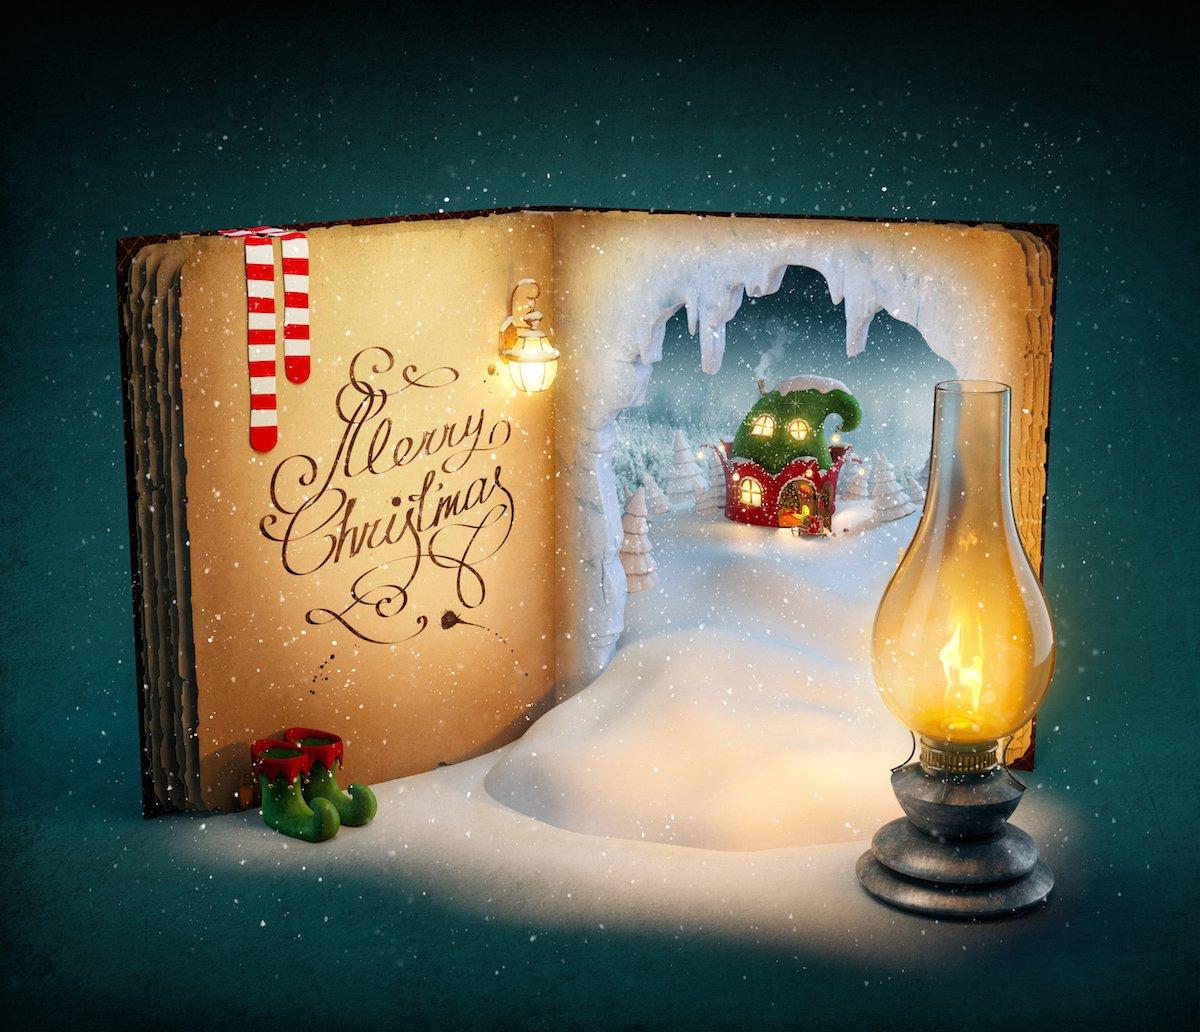 cuentos-de-navidad7754260559209639372.jpg